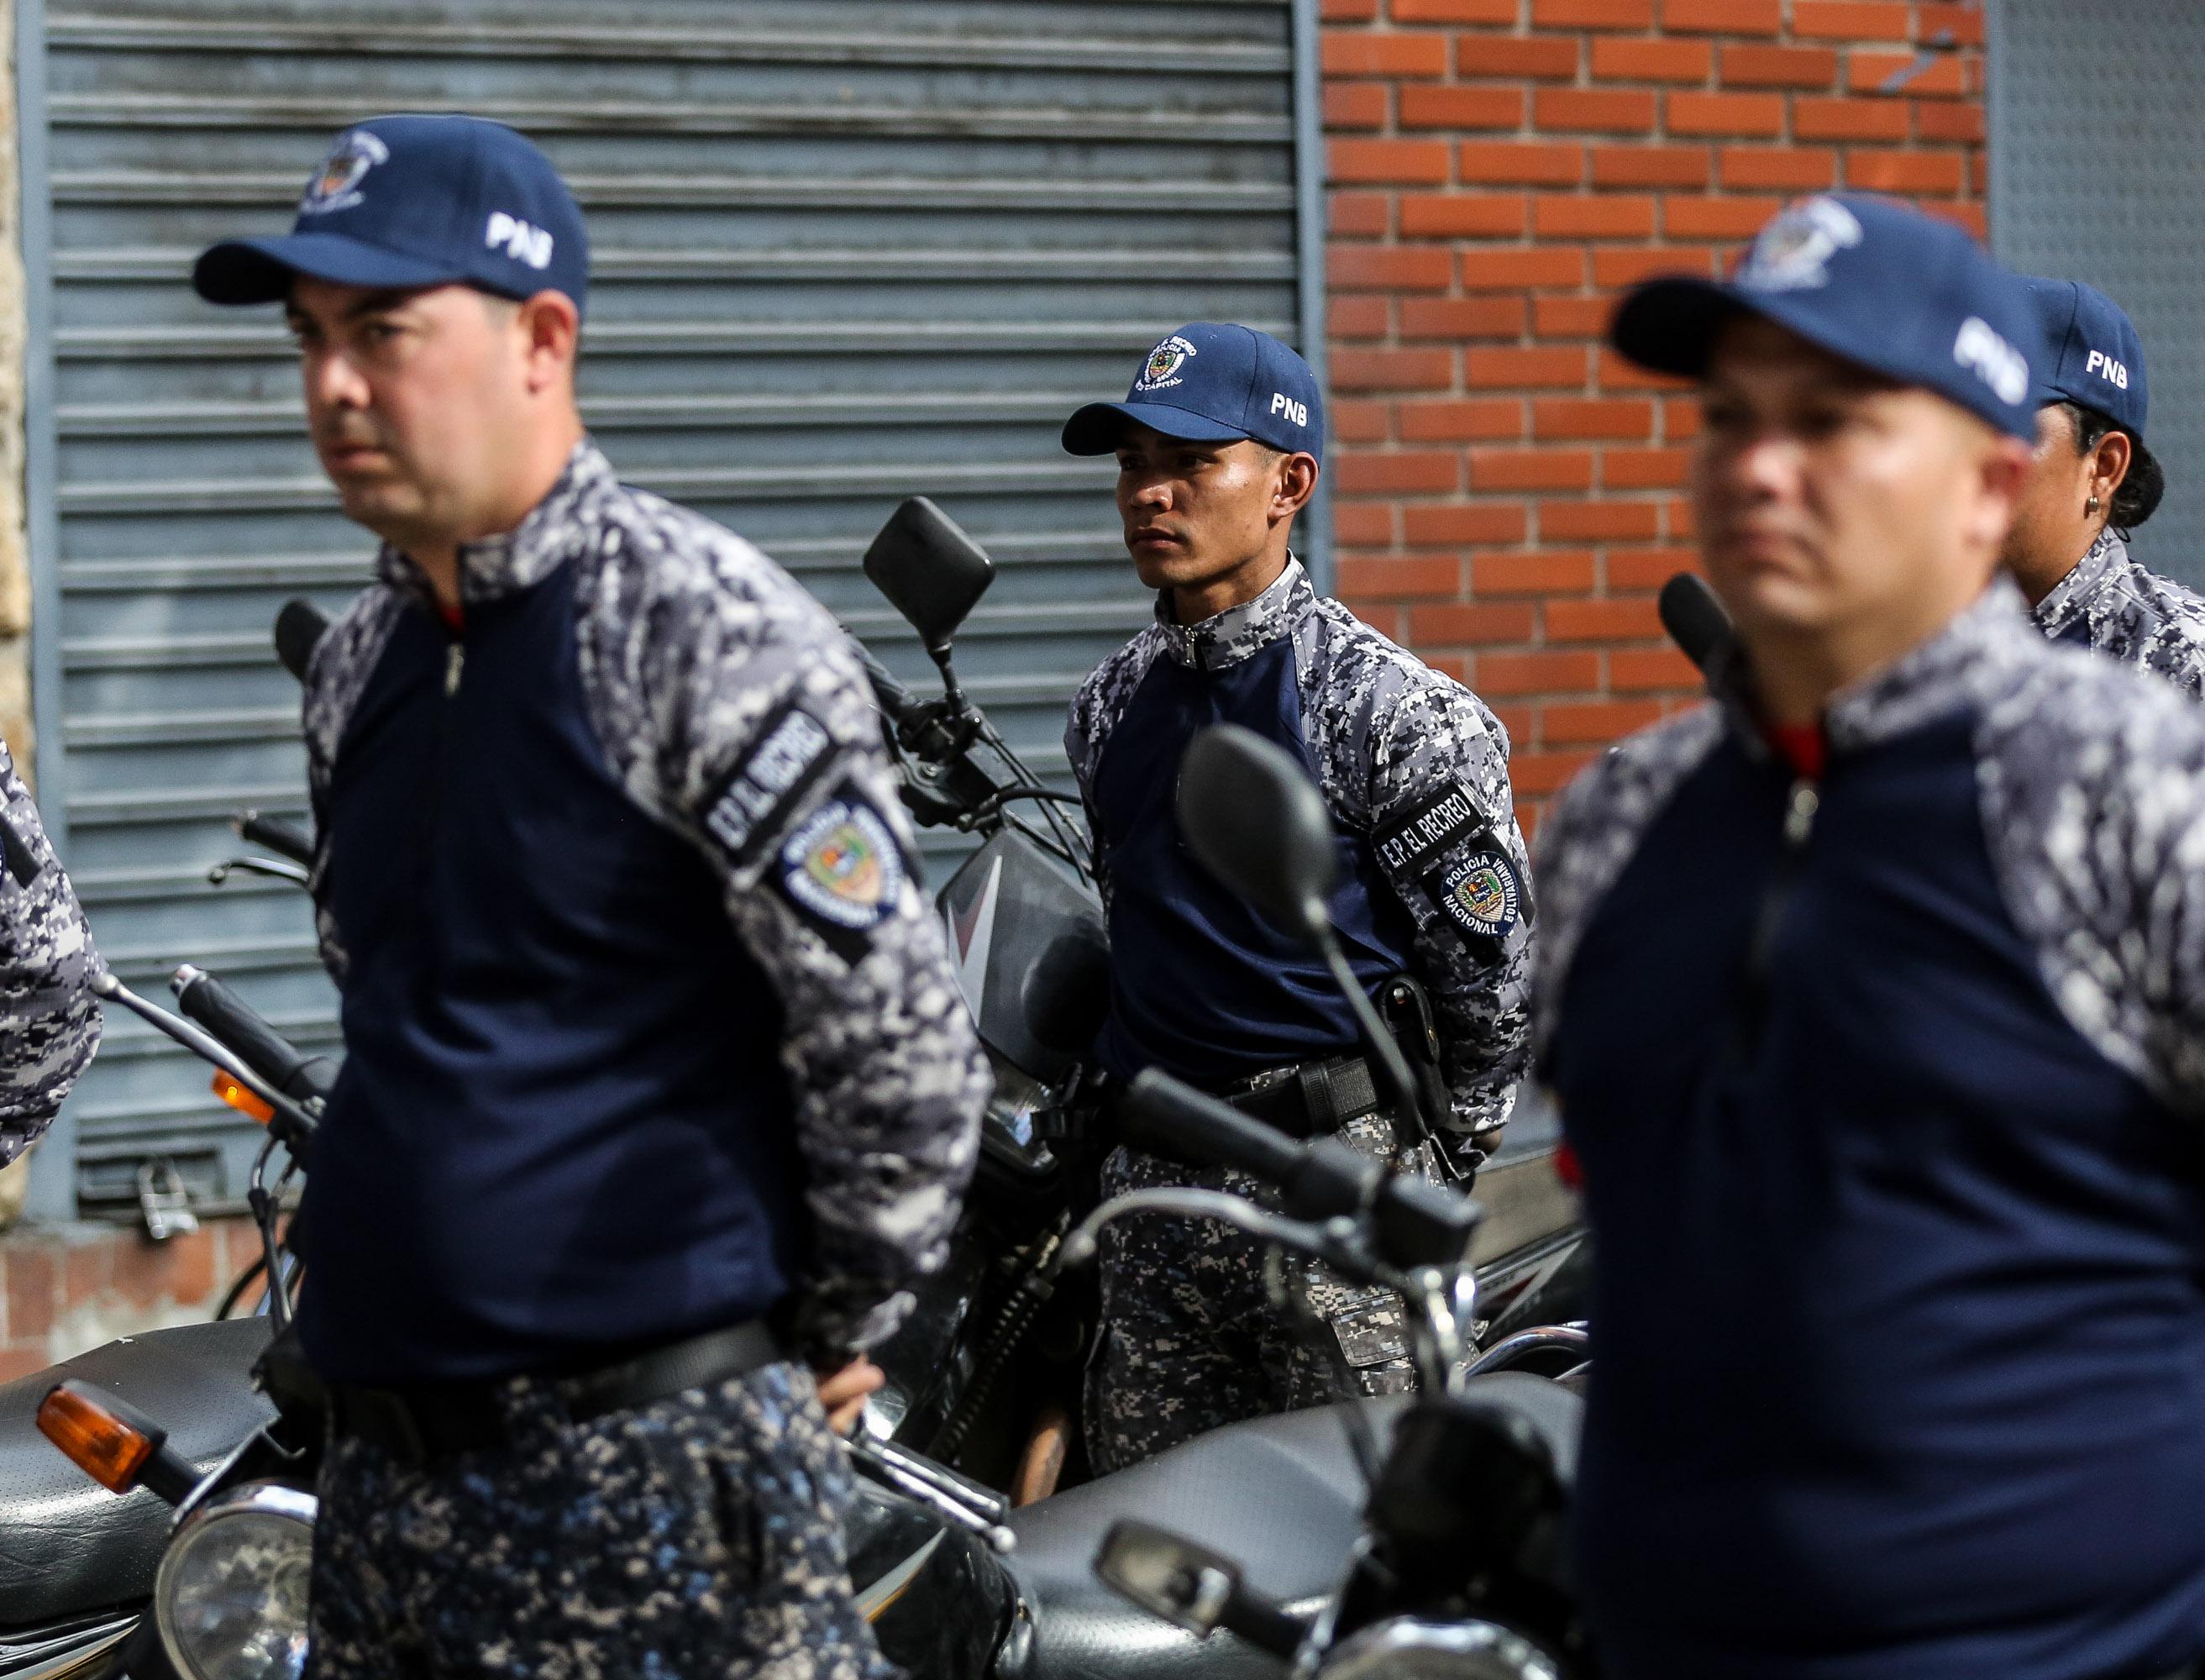 INAUGURACIÓN SEDE POLICIAL EL RECREO (3)